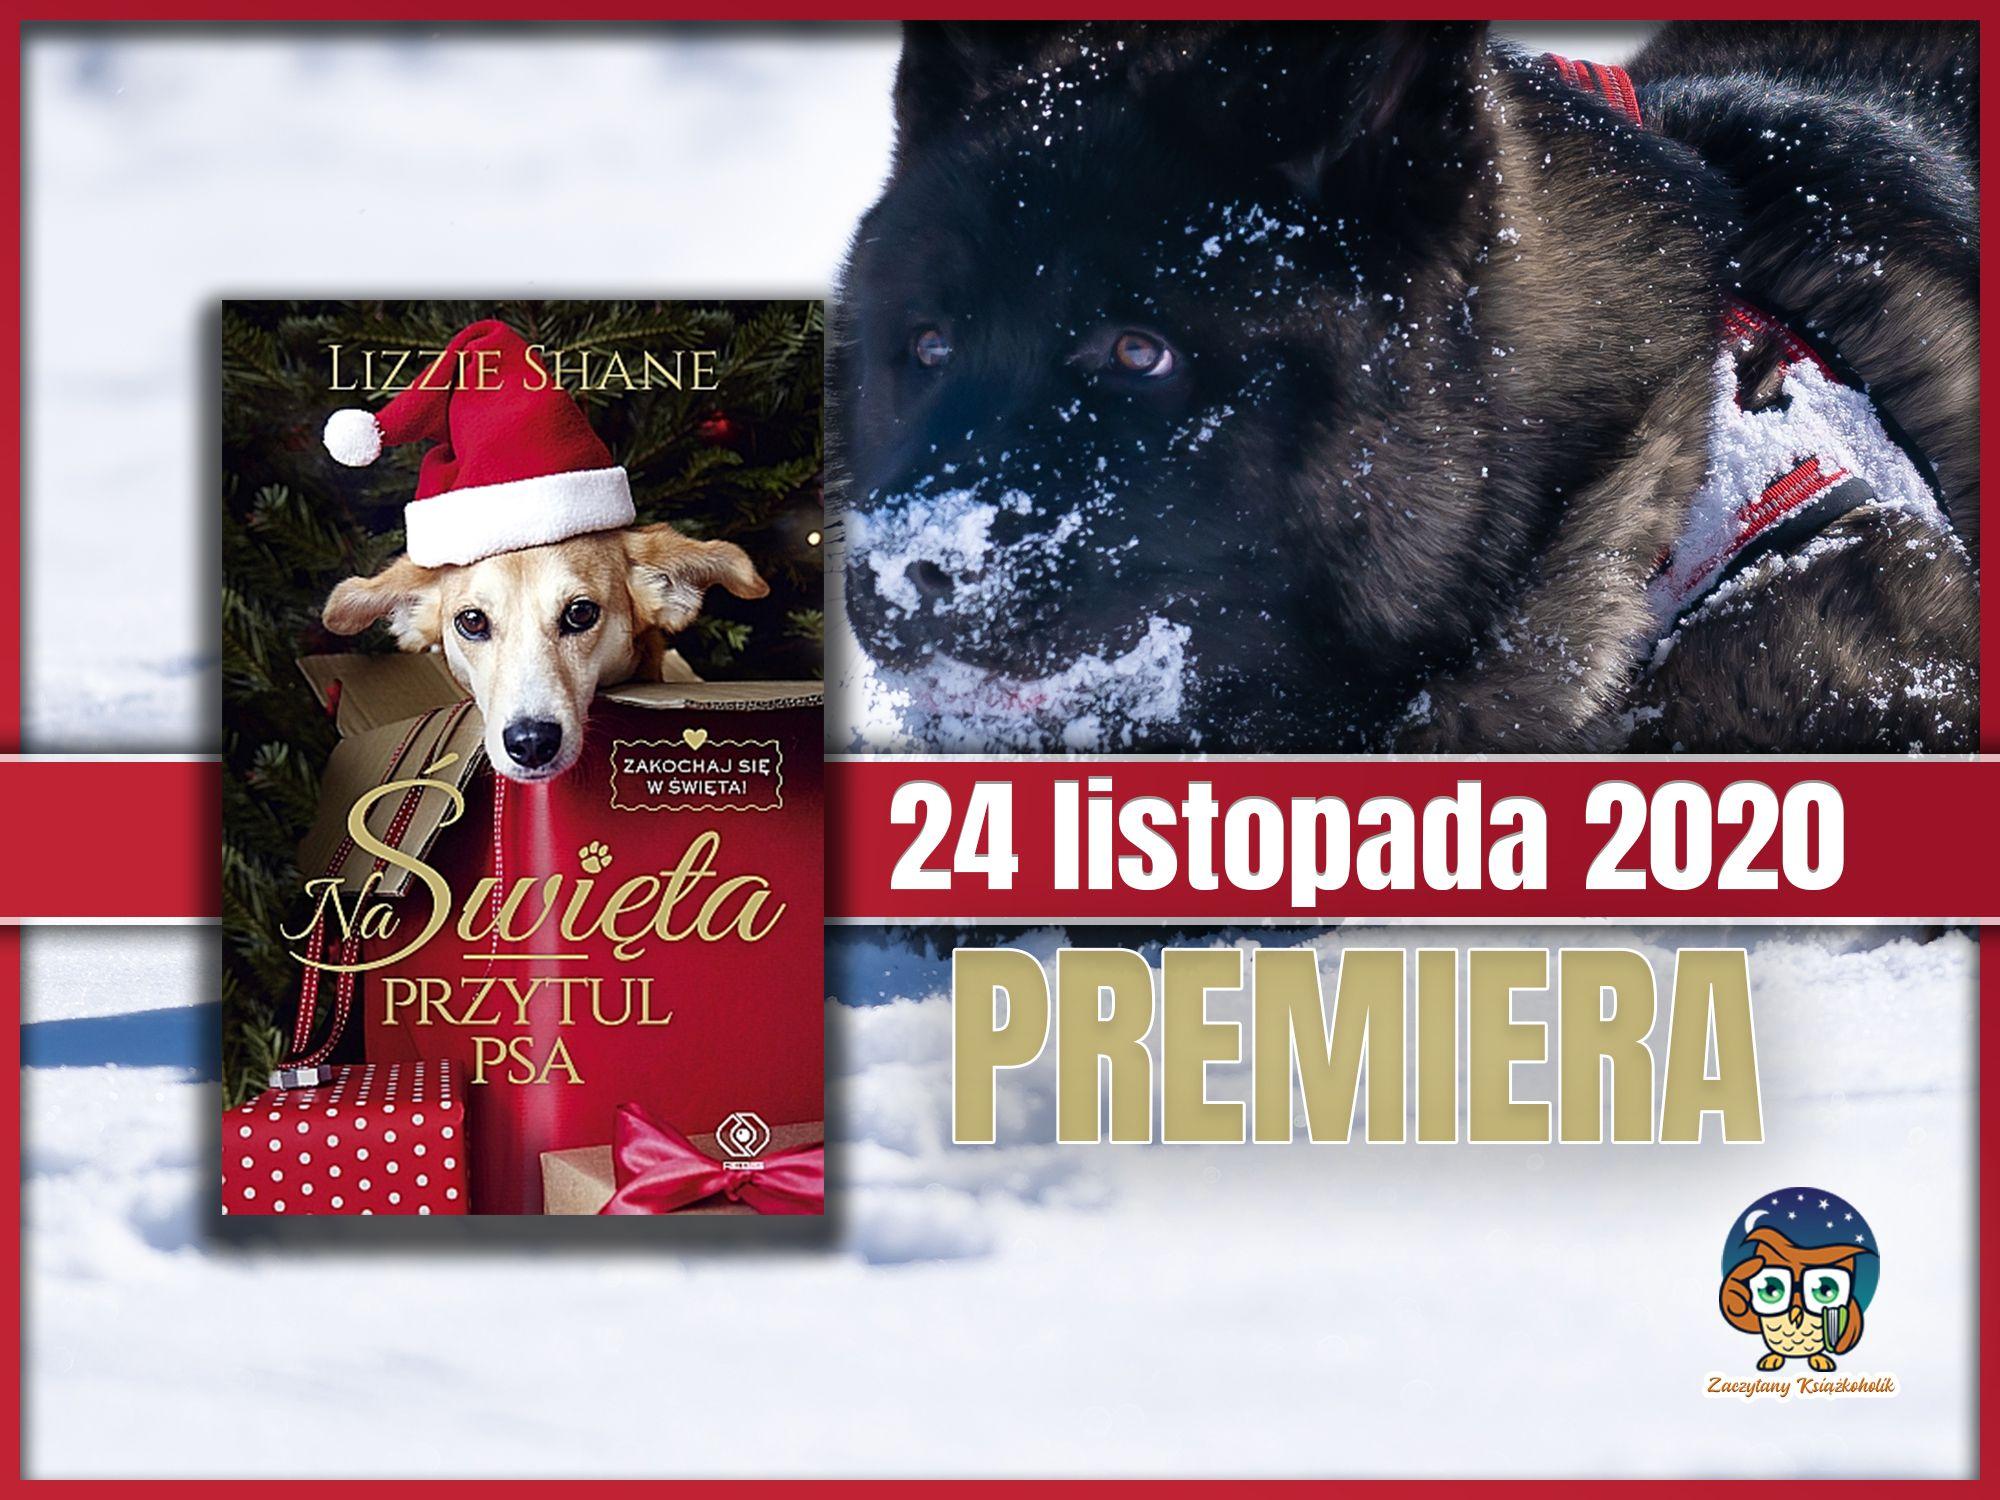 Na Święta przytul psa, Lizzie Shane, zaczytanyksiazkoholik.pl